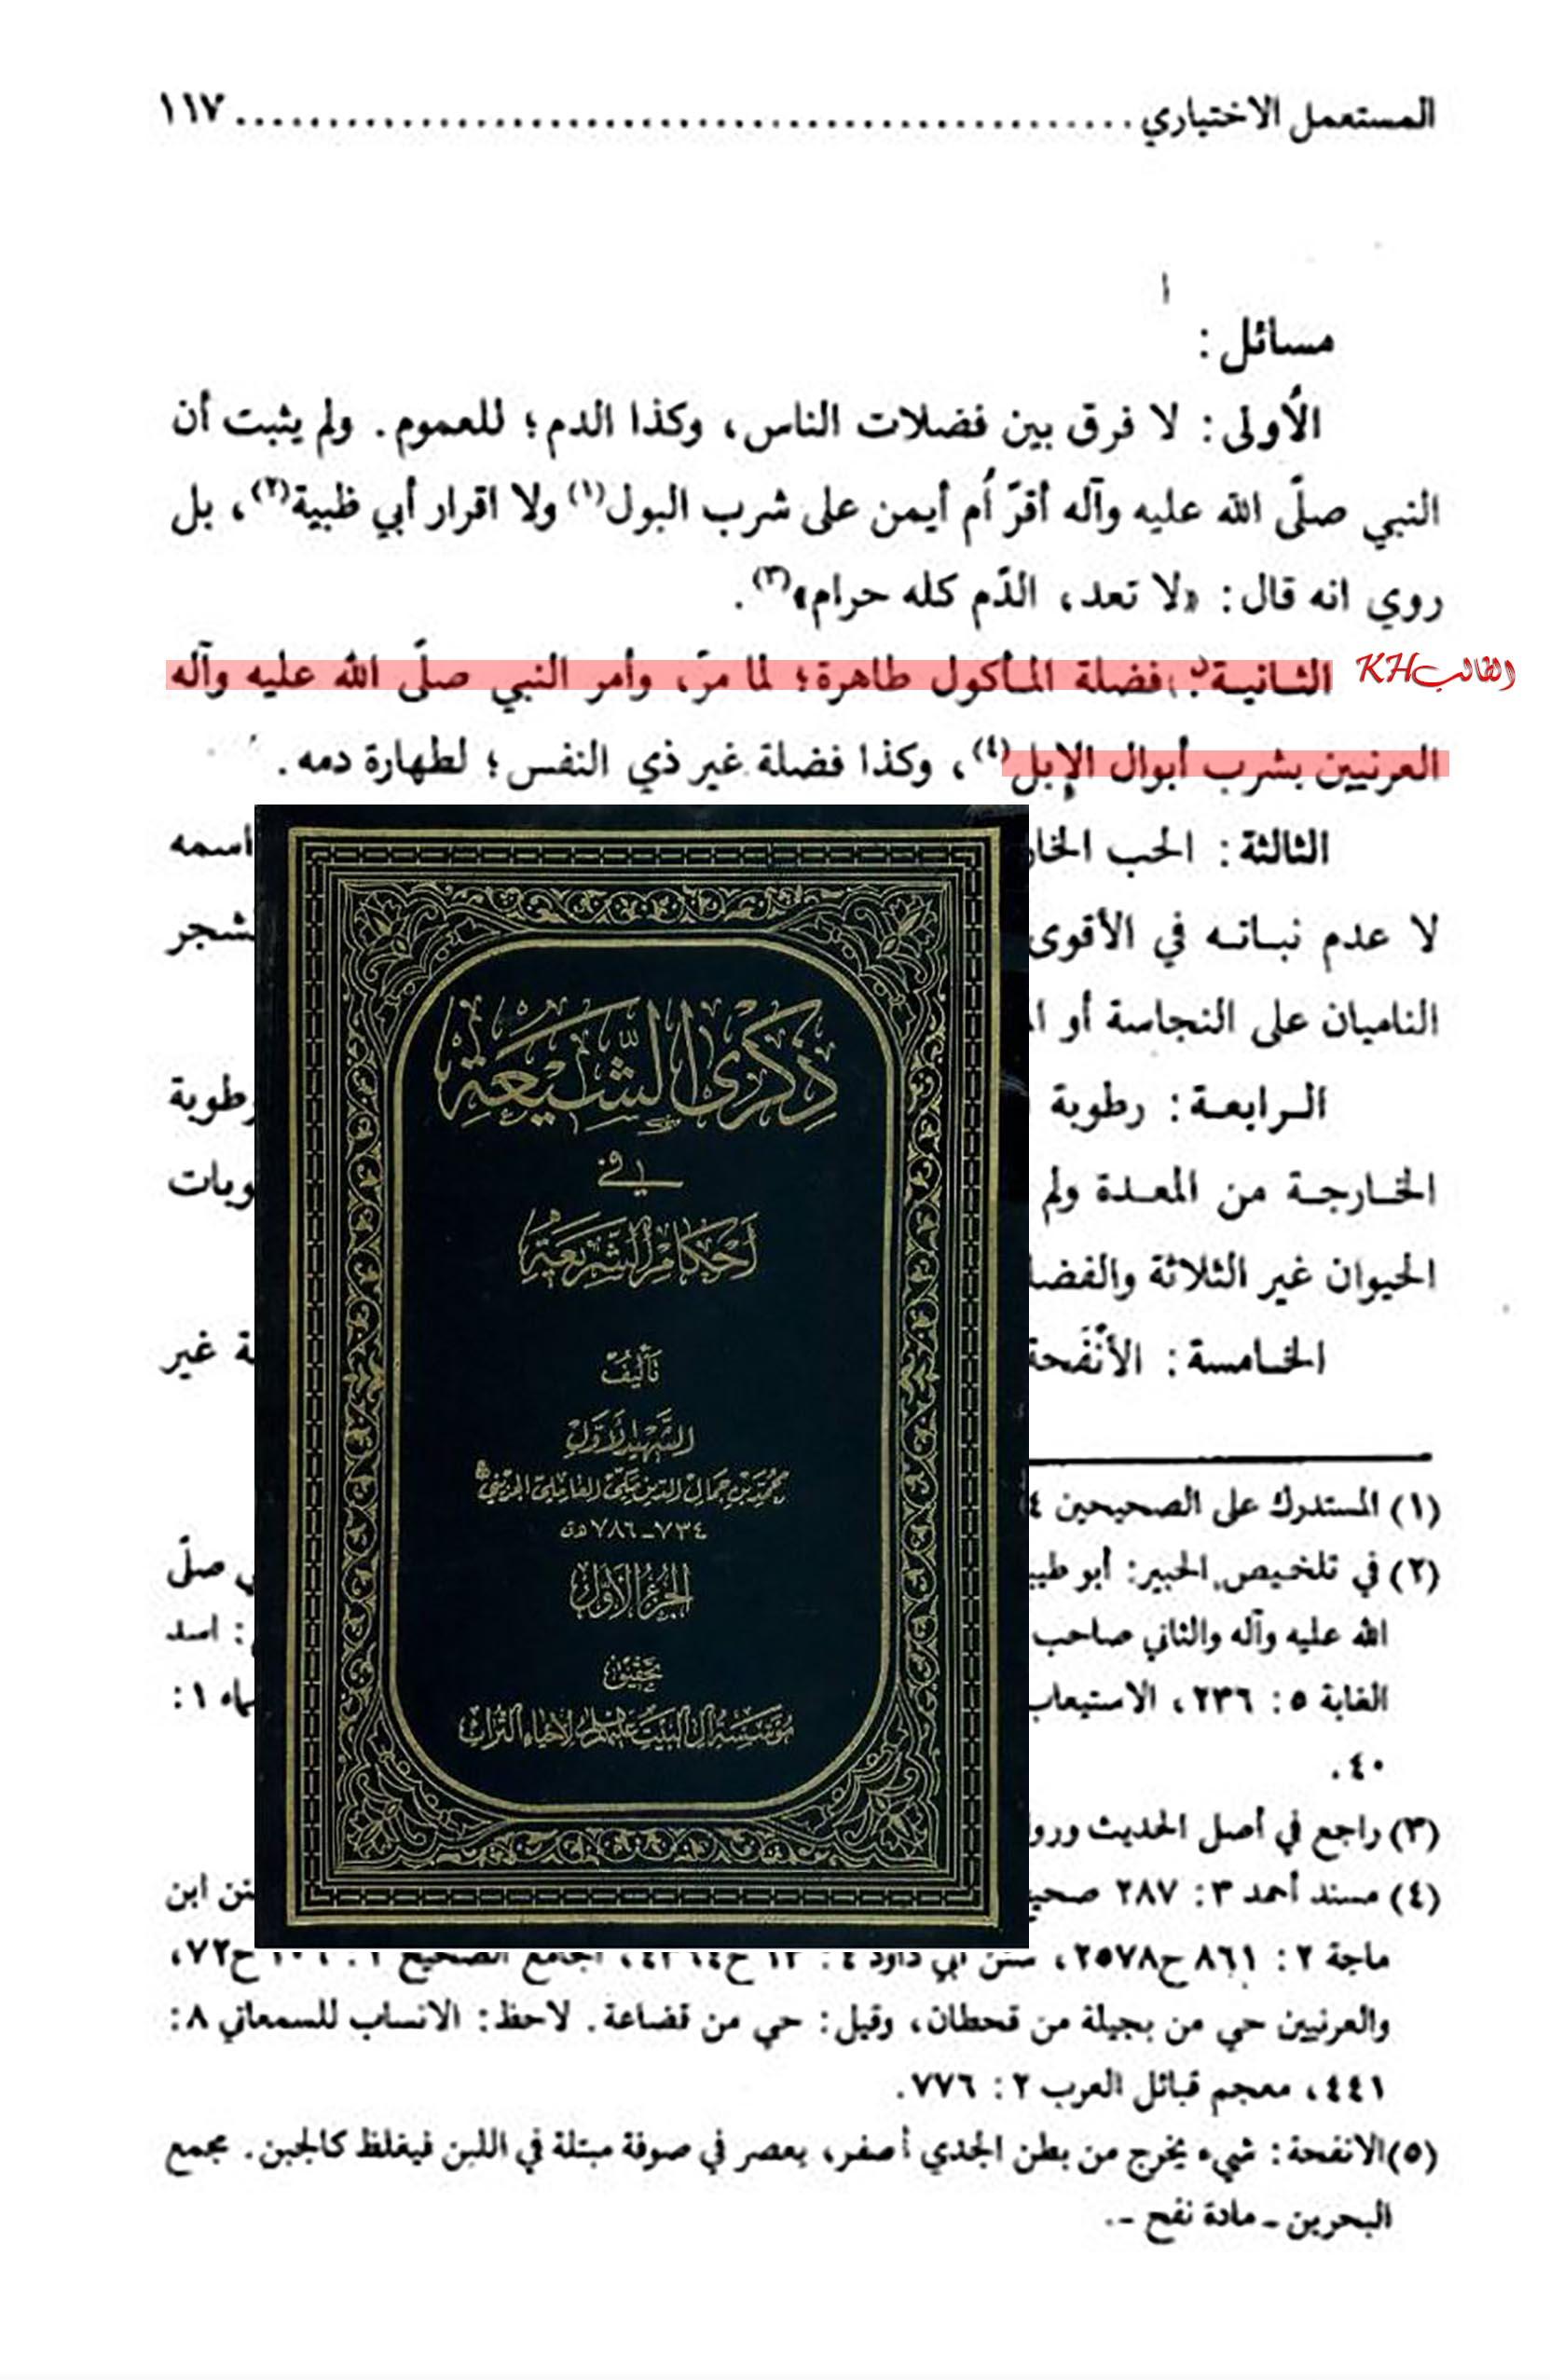 الاســـم:ذكرى الشيعة في احكام الشيعة للشهيد الاول ج1ص472,E.jpg المشاهدات: 3085 الحجـــم:318.3 كيلوبايت